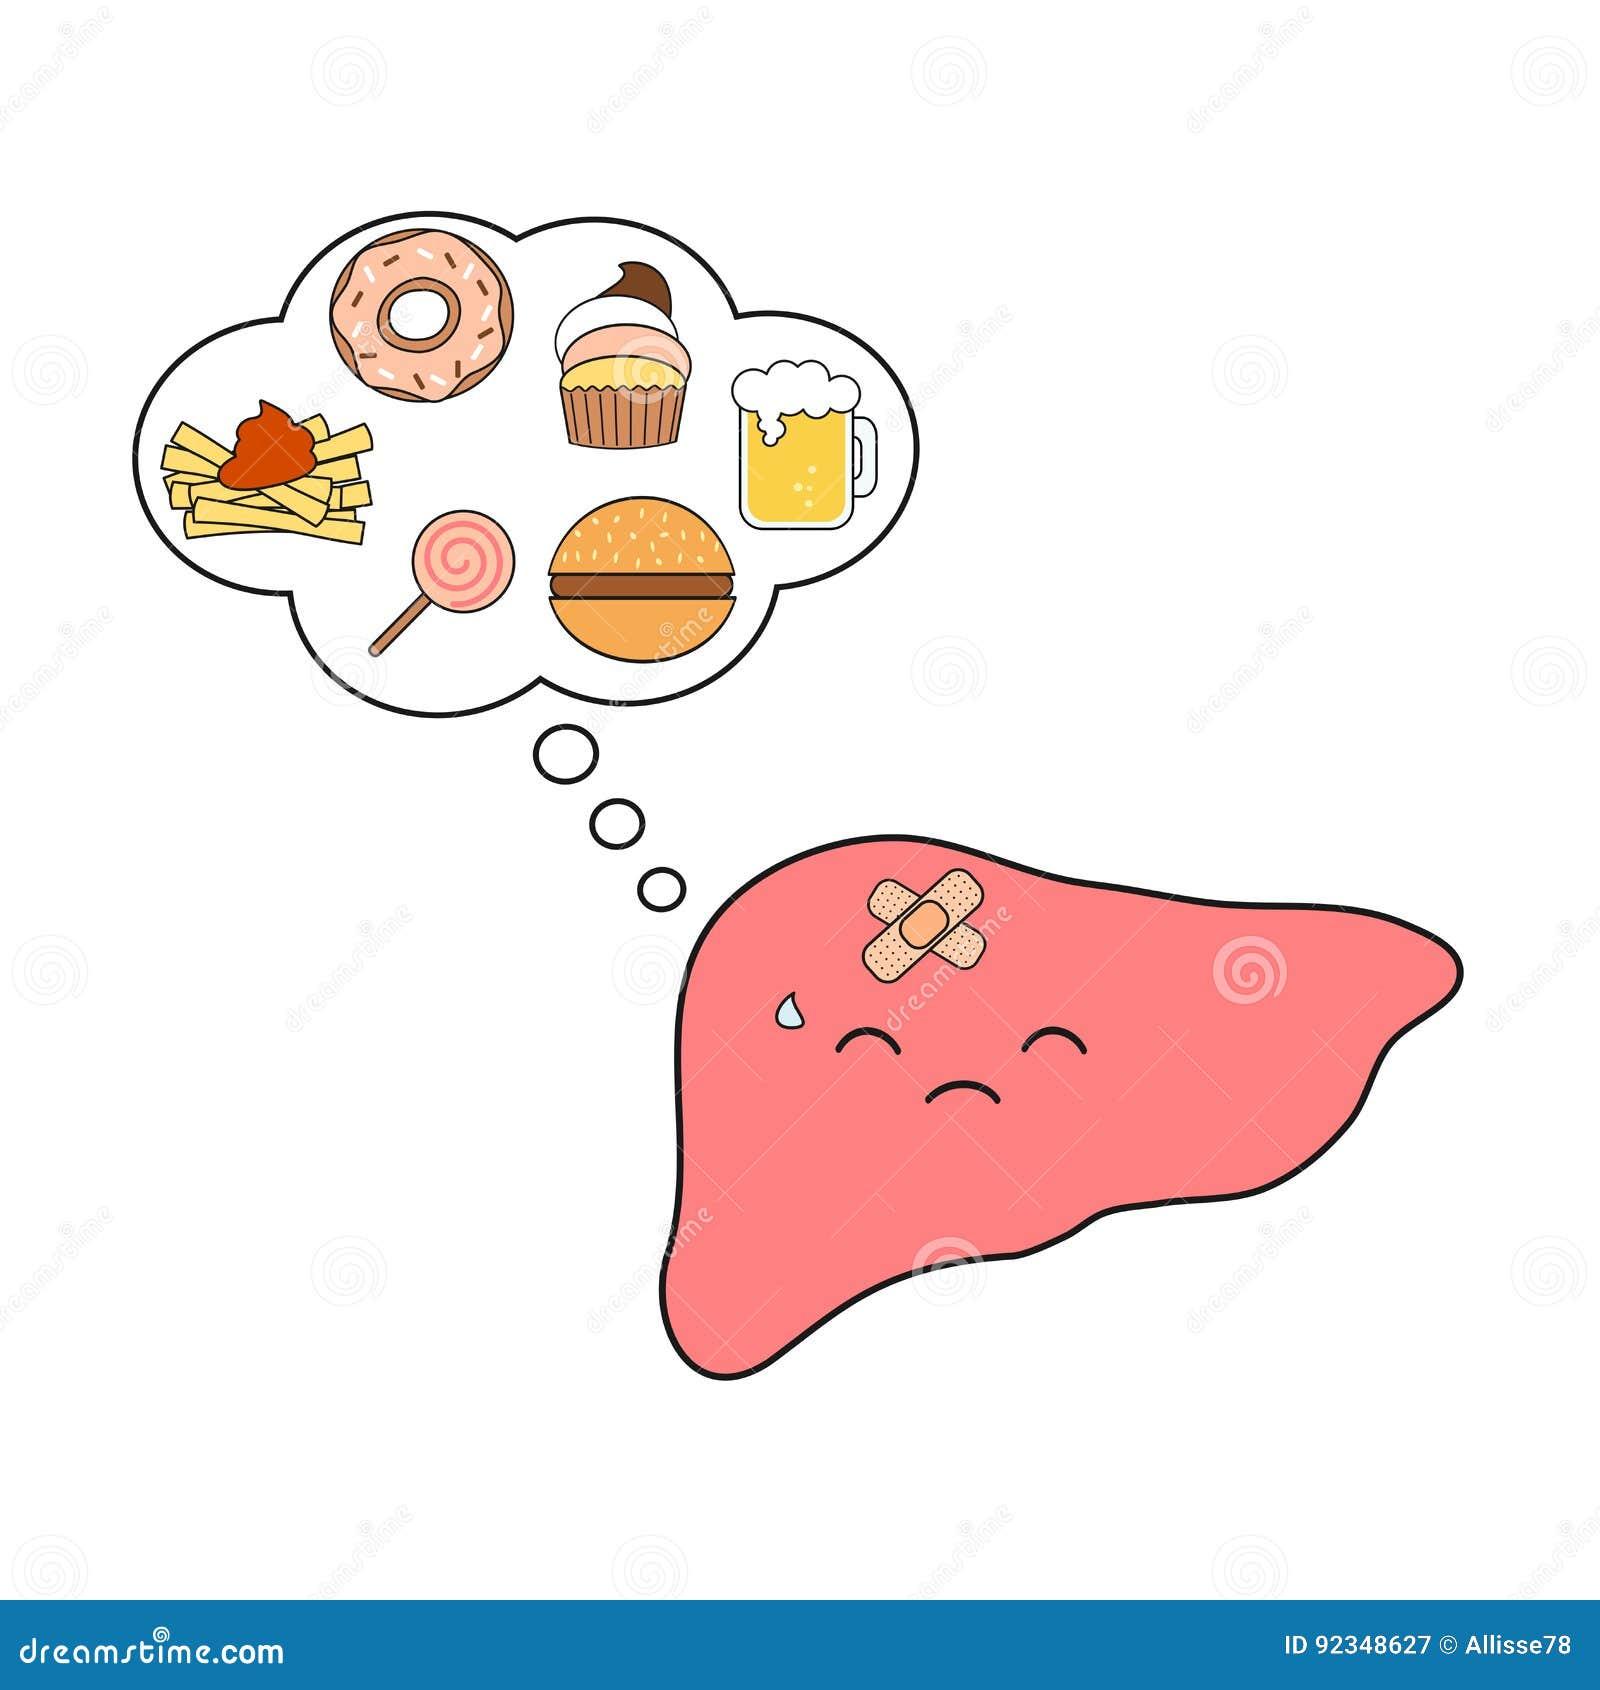 Ilustração de pensamento do conceito dos desenhos animados dos alimentos de sucata do caráter humano bonito e engraçado, infeliz